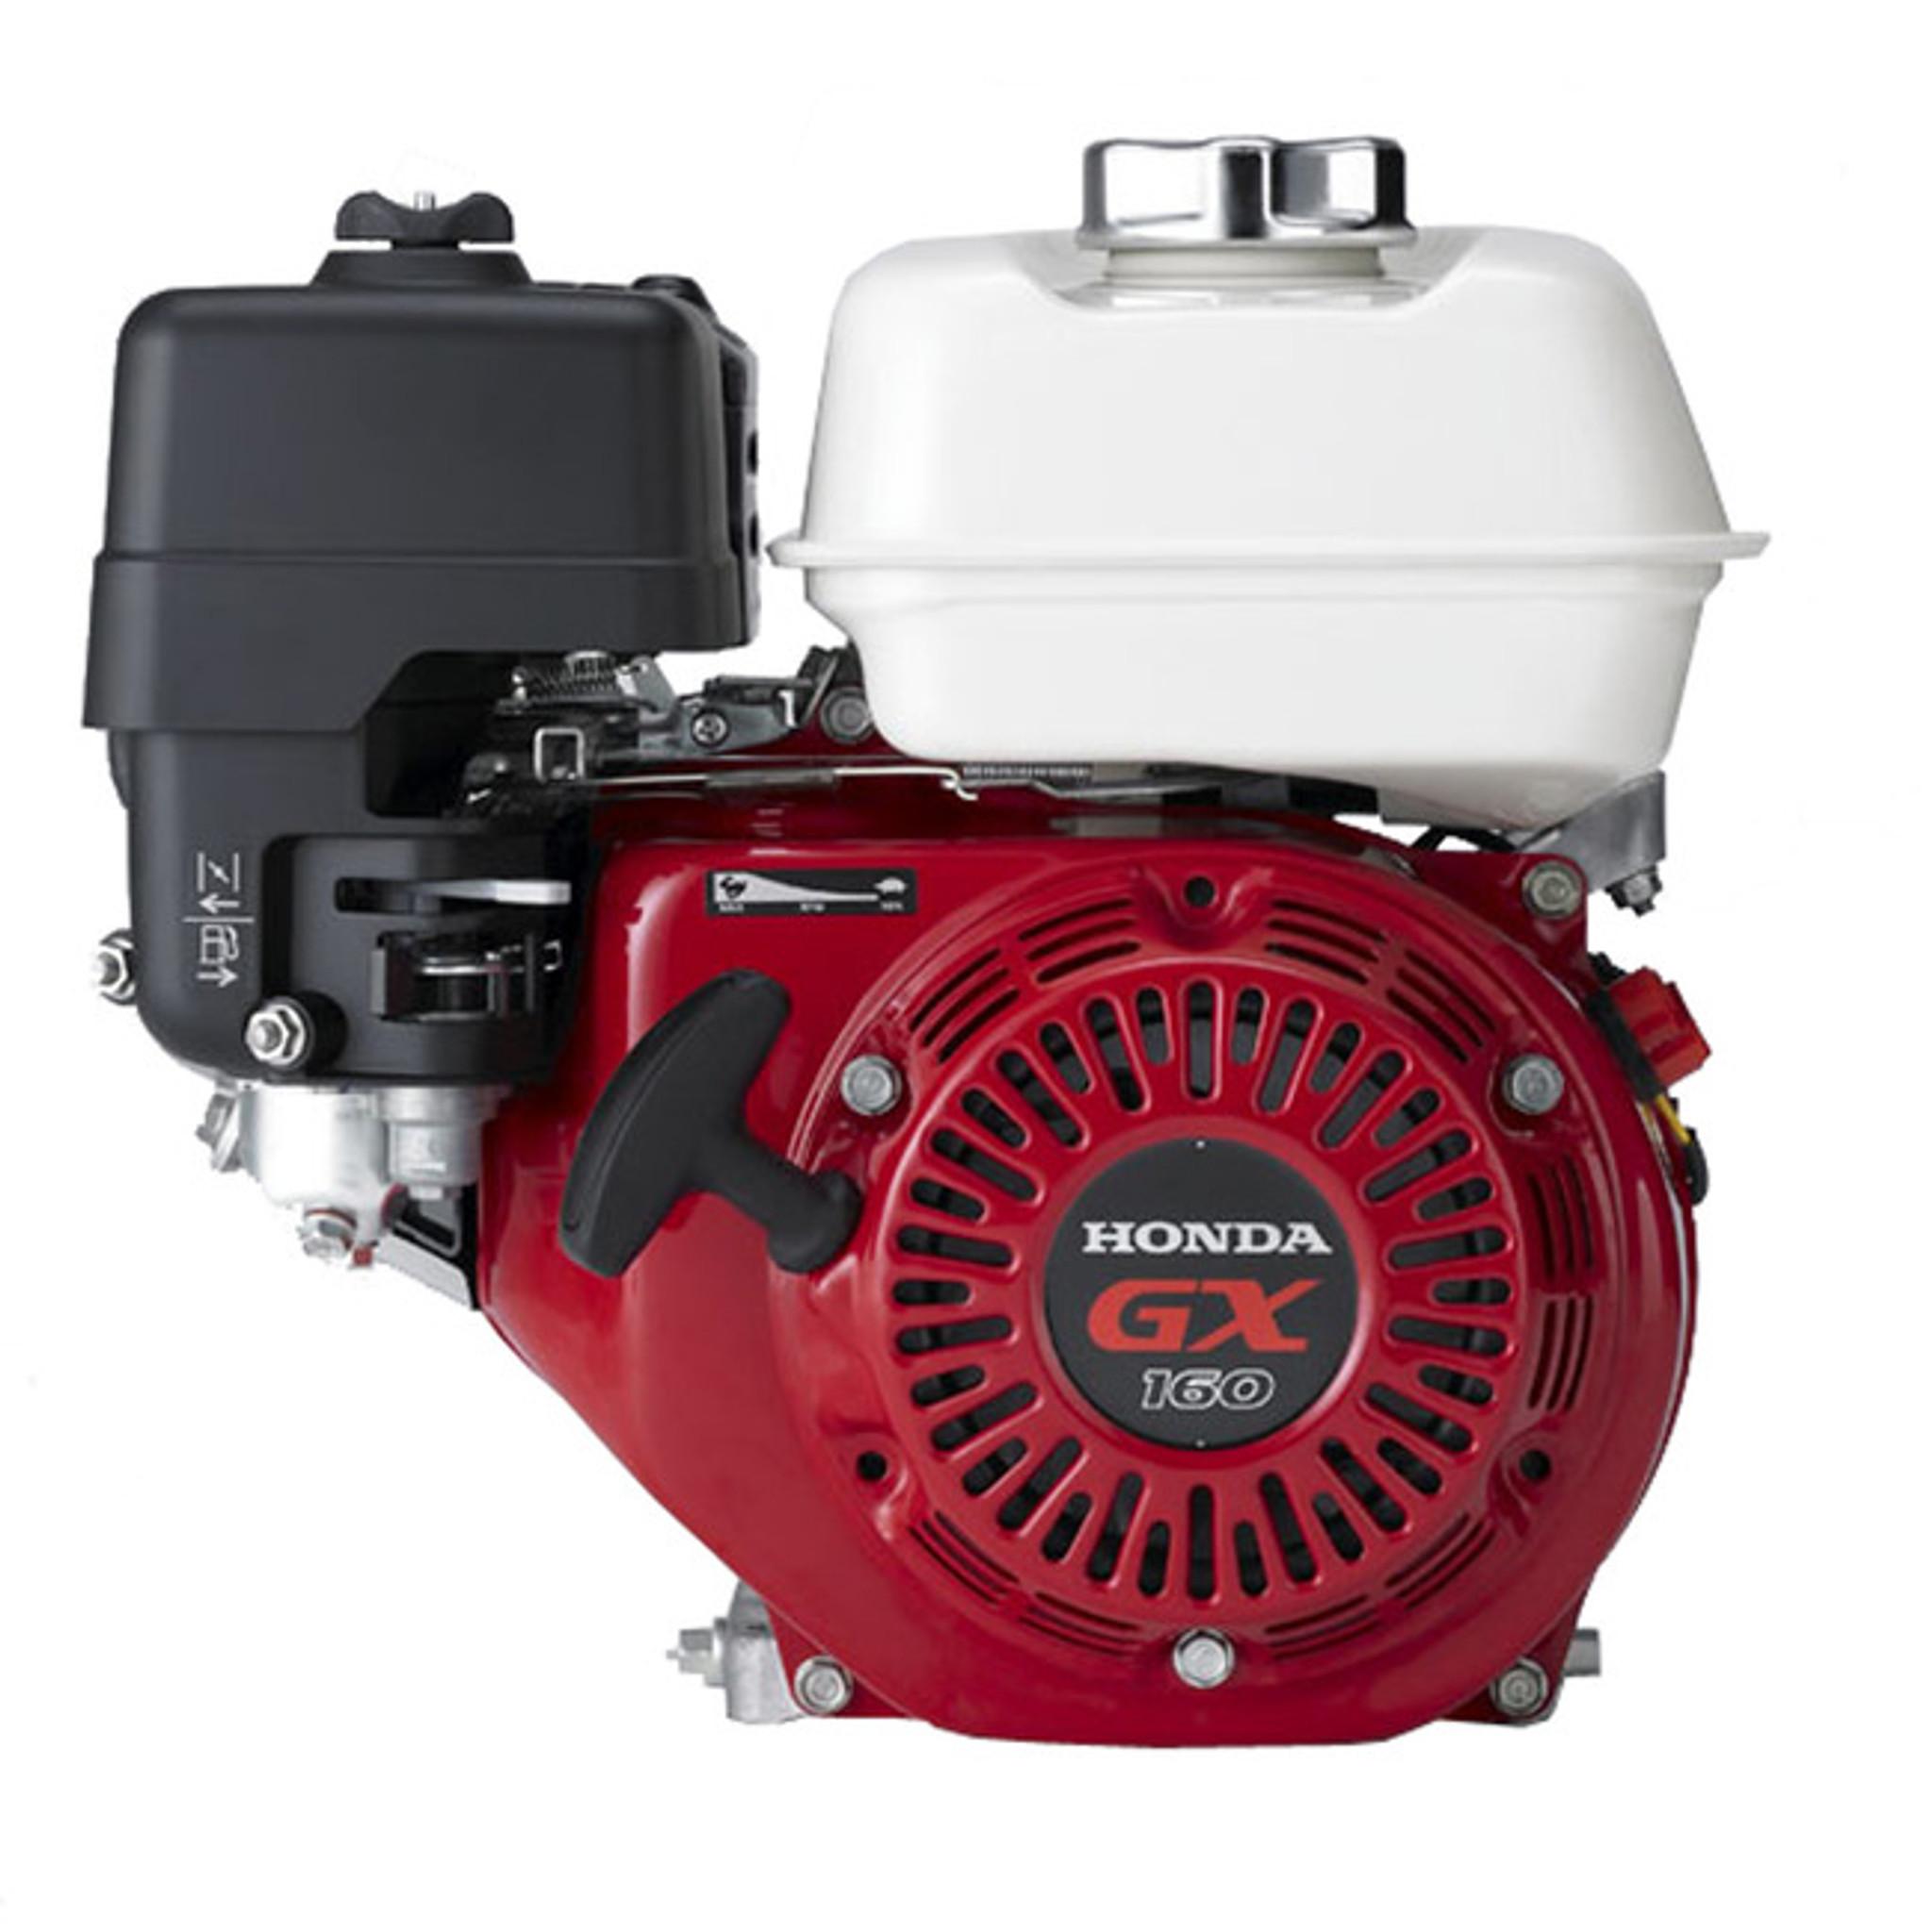 Honda GX160 Engine | Honda GX160 | GX160UT2QX2